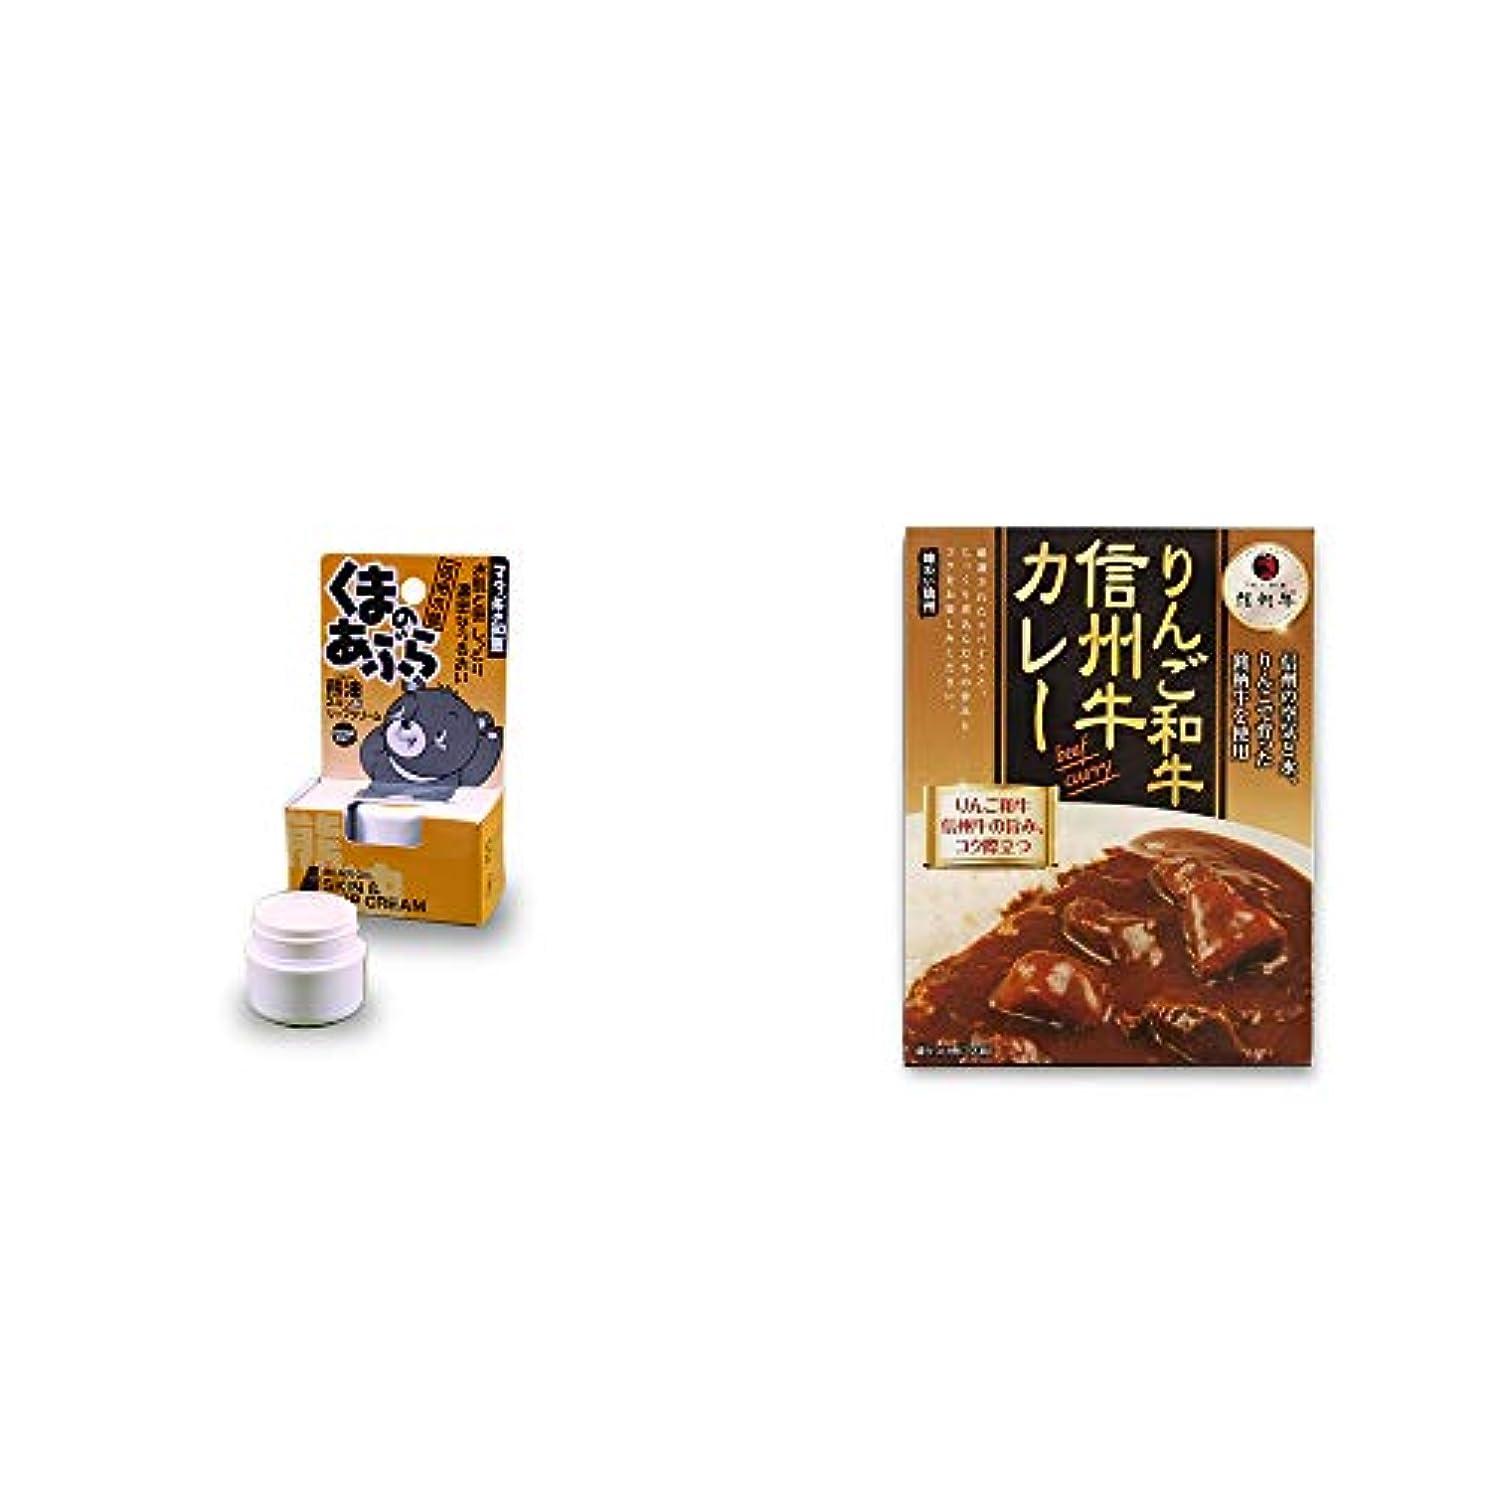 多用途トンオートメーション[2点セット] 信州木曽 くまのあぶら 熊油スキン&リップクリーム(9g)?りんご和牛 信州牛カレー(1食分)